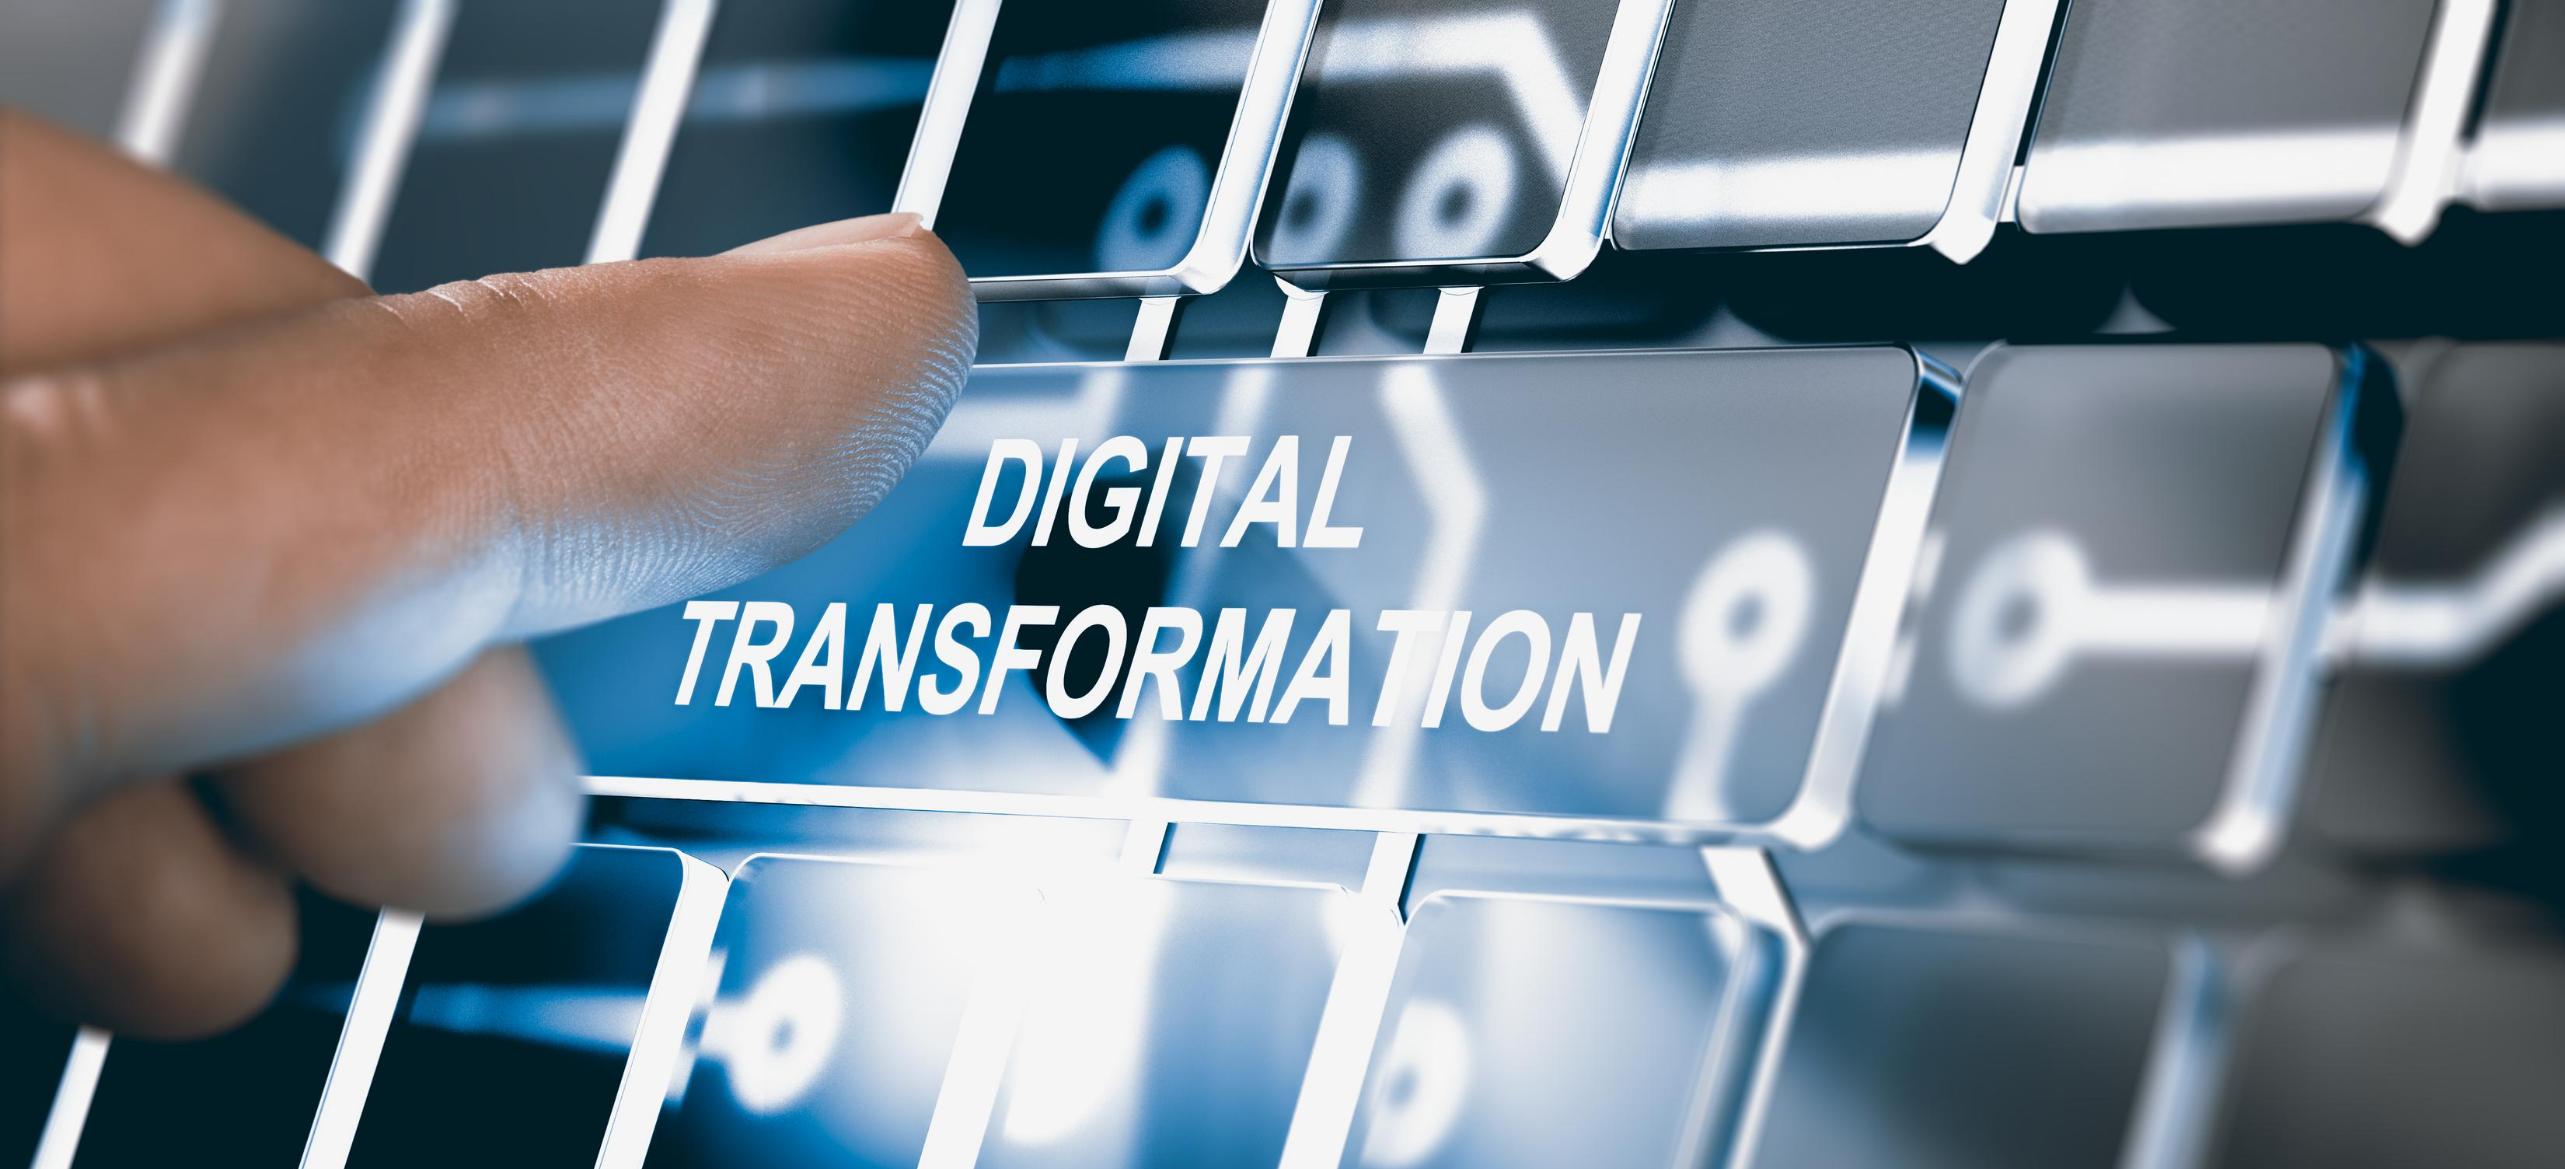 Cómo impulsar tu fundraising tradicional con estrategias digitales